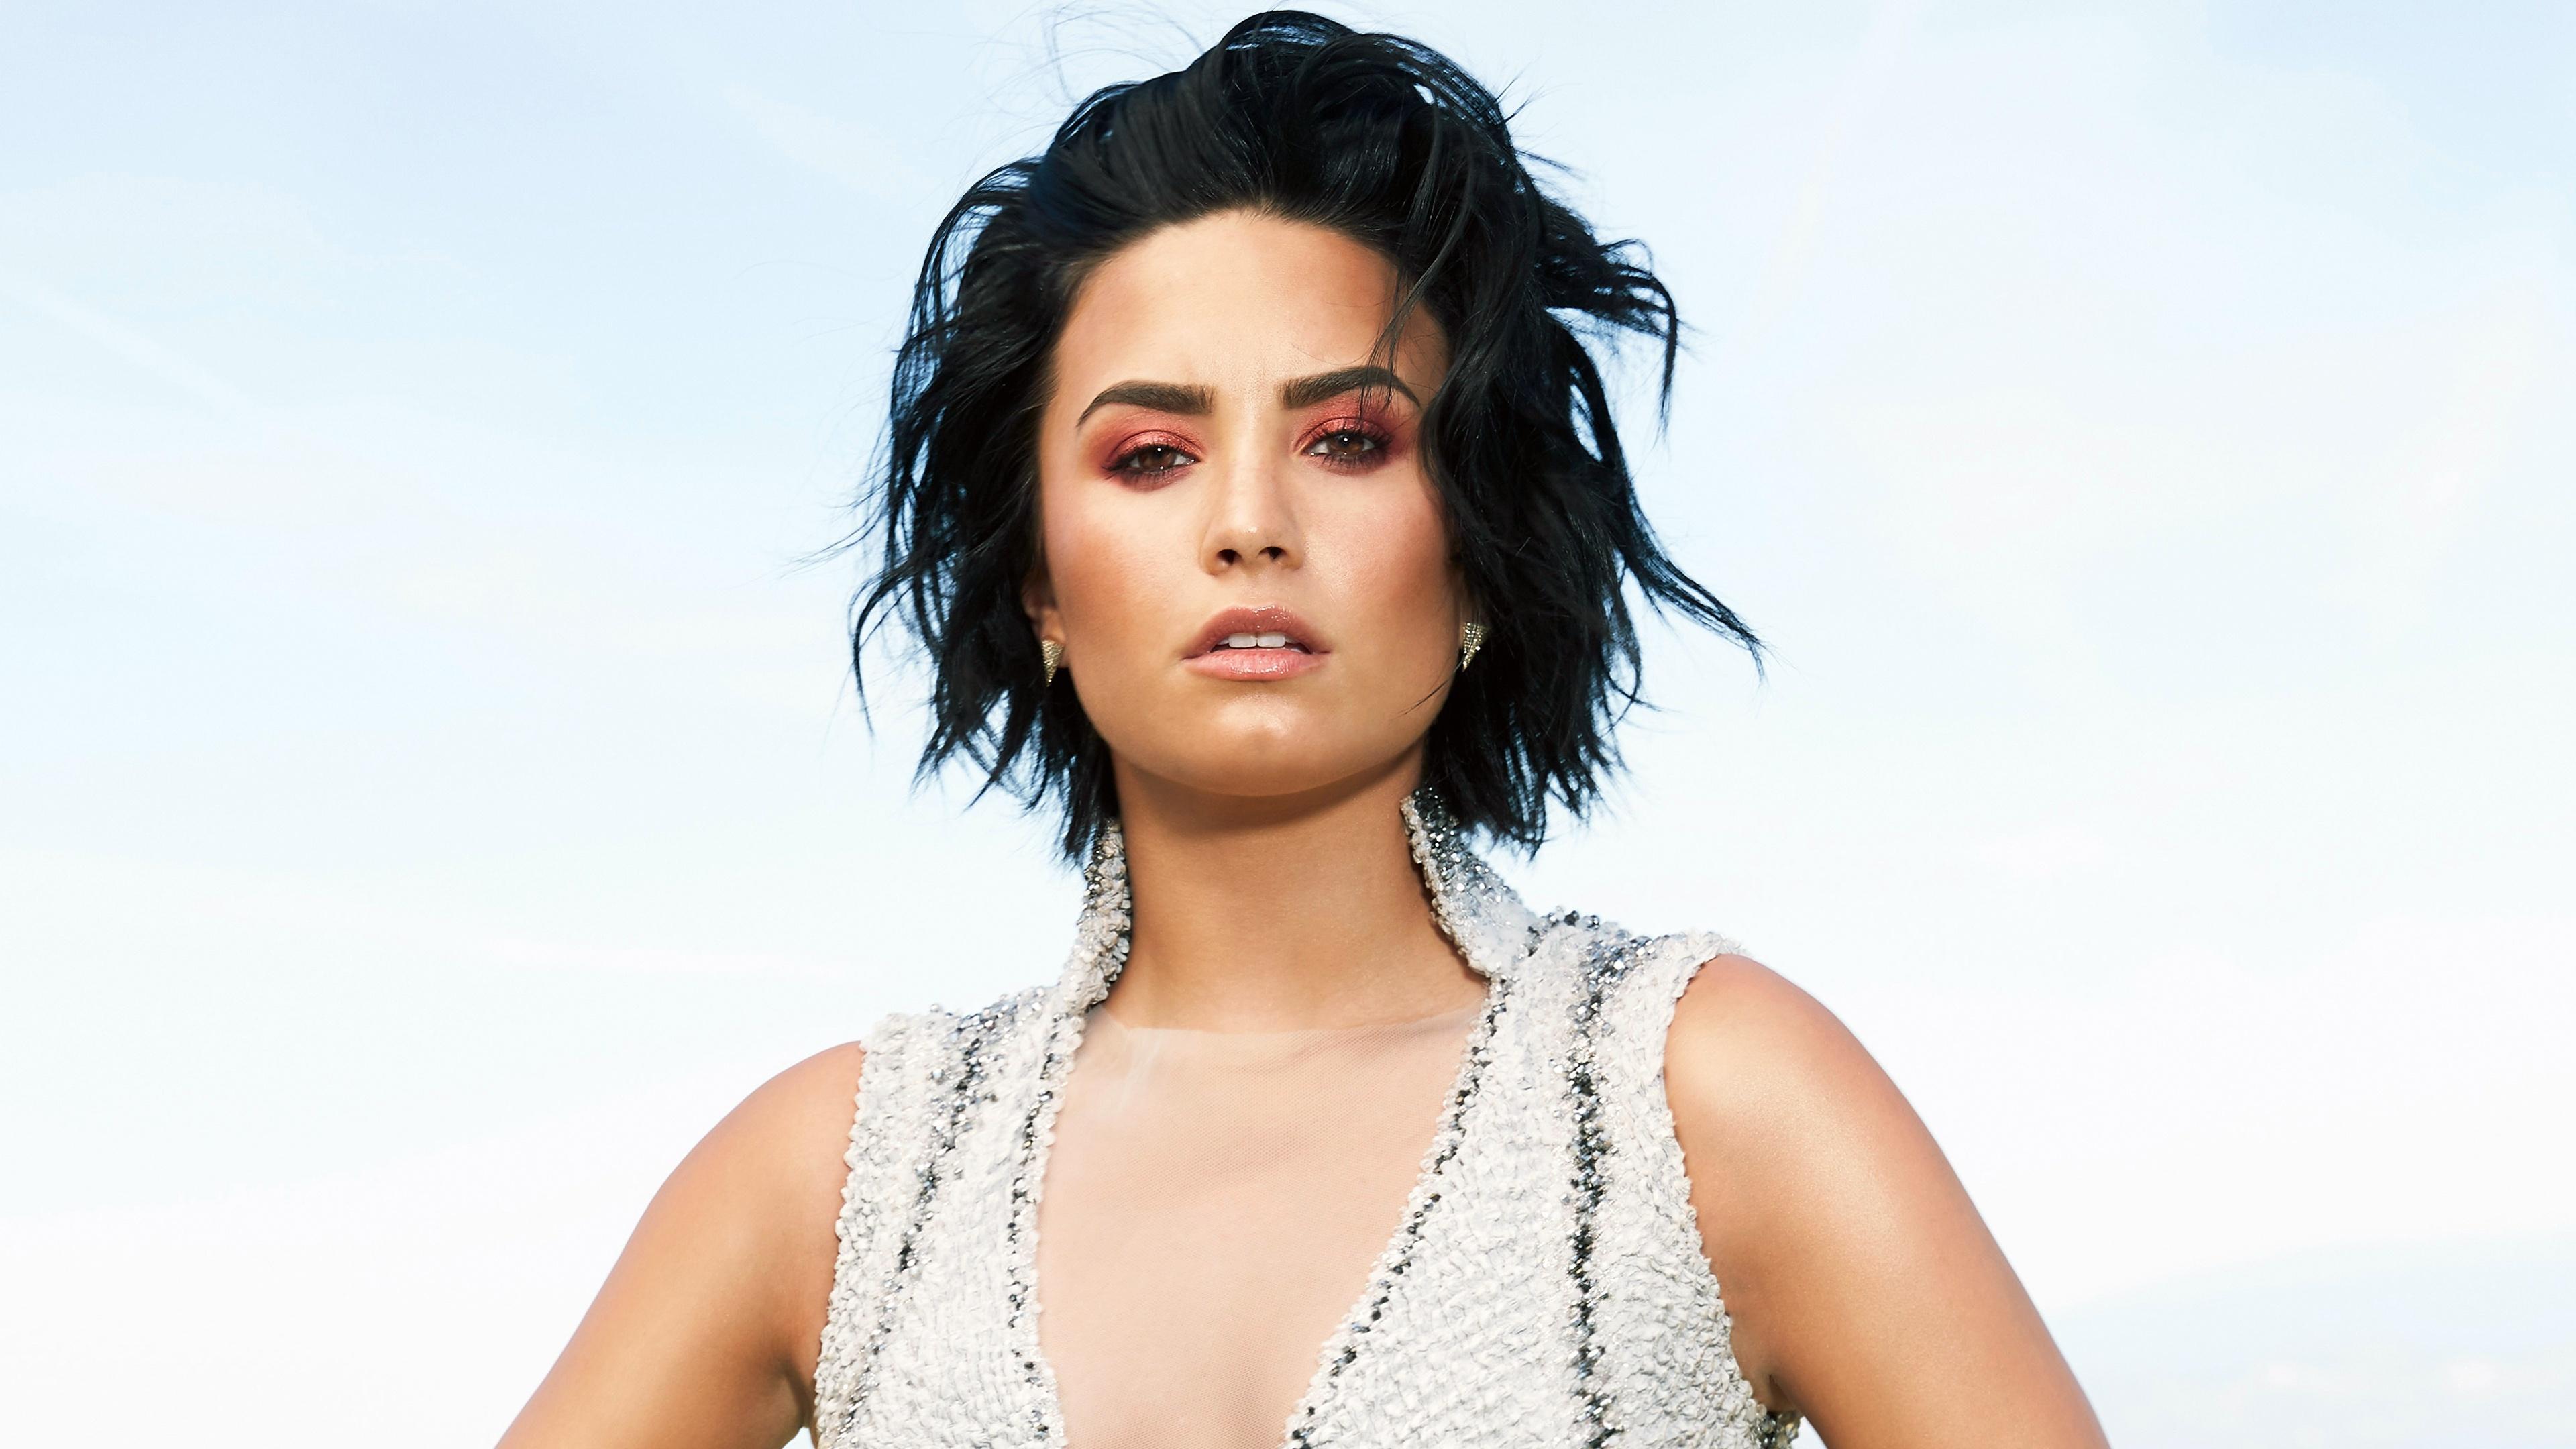 Demi Lovato HD Background